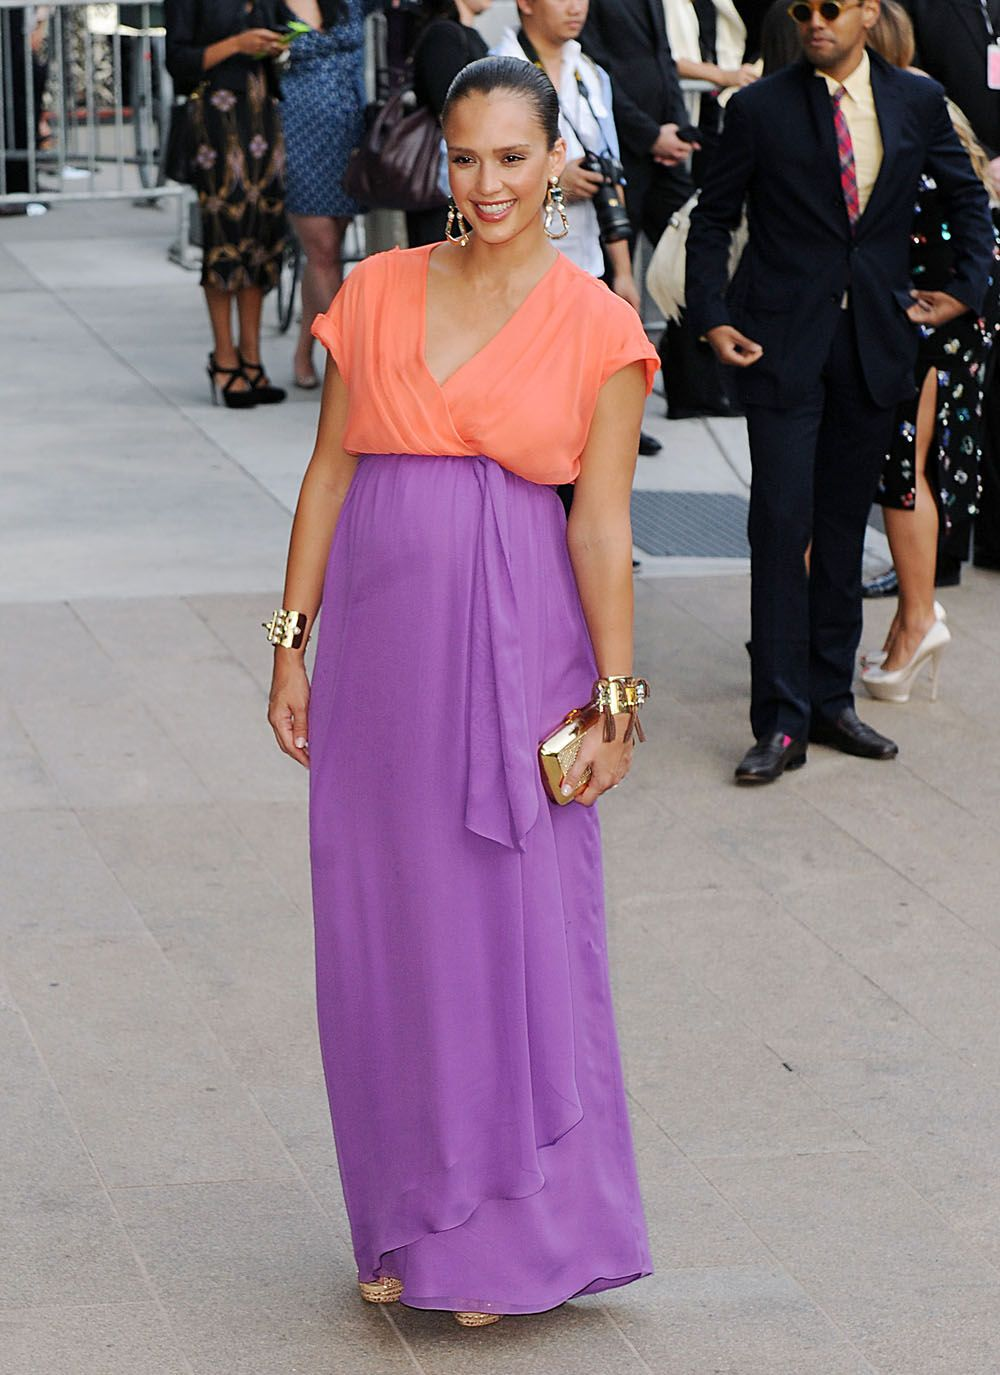 Jessica alba pregnant fashion 46